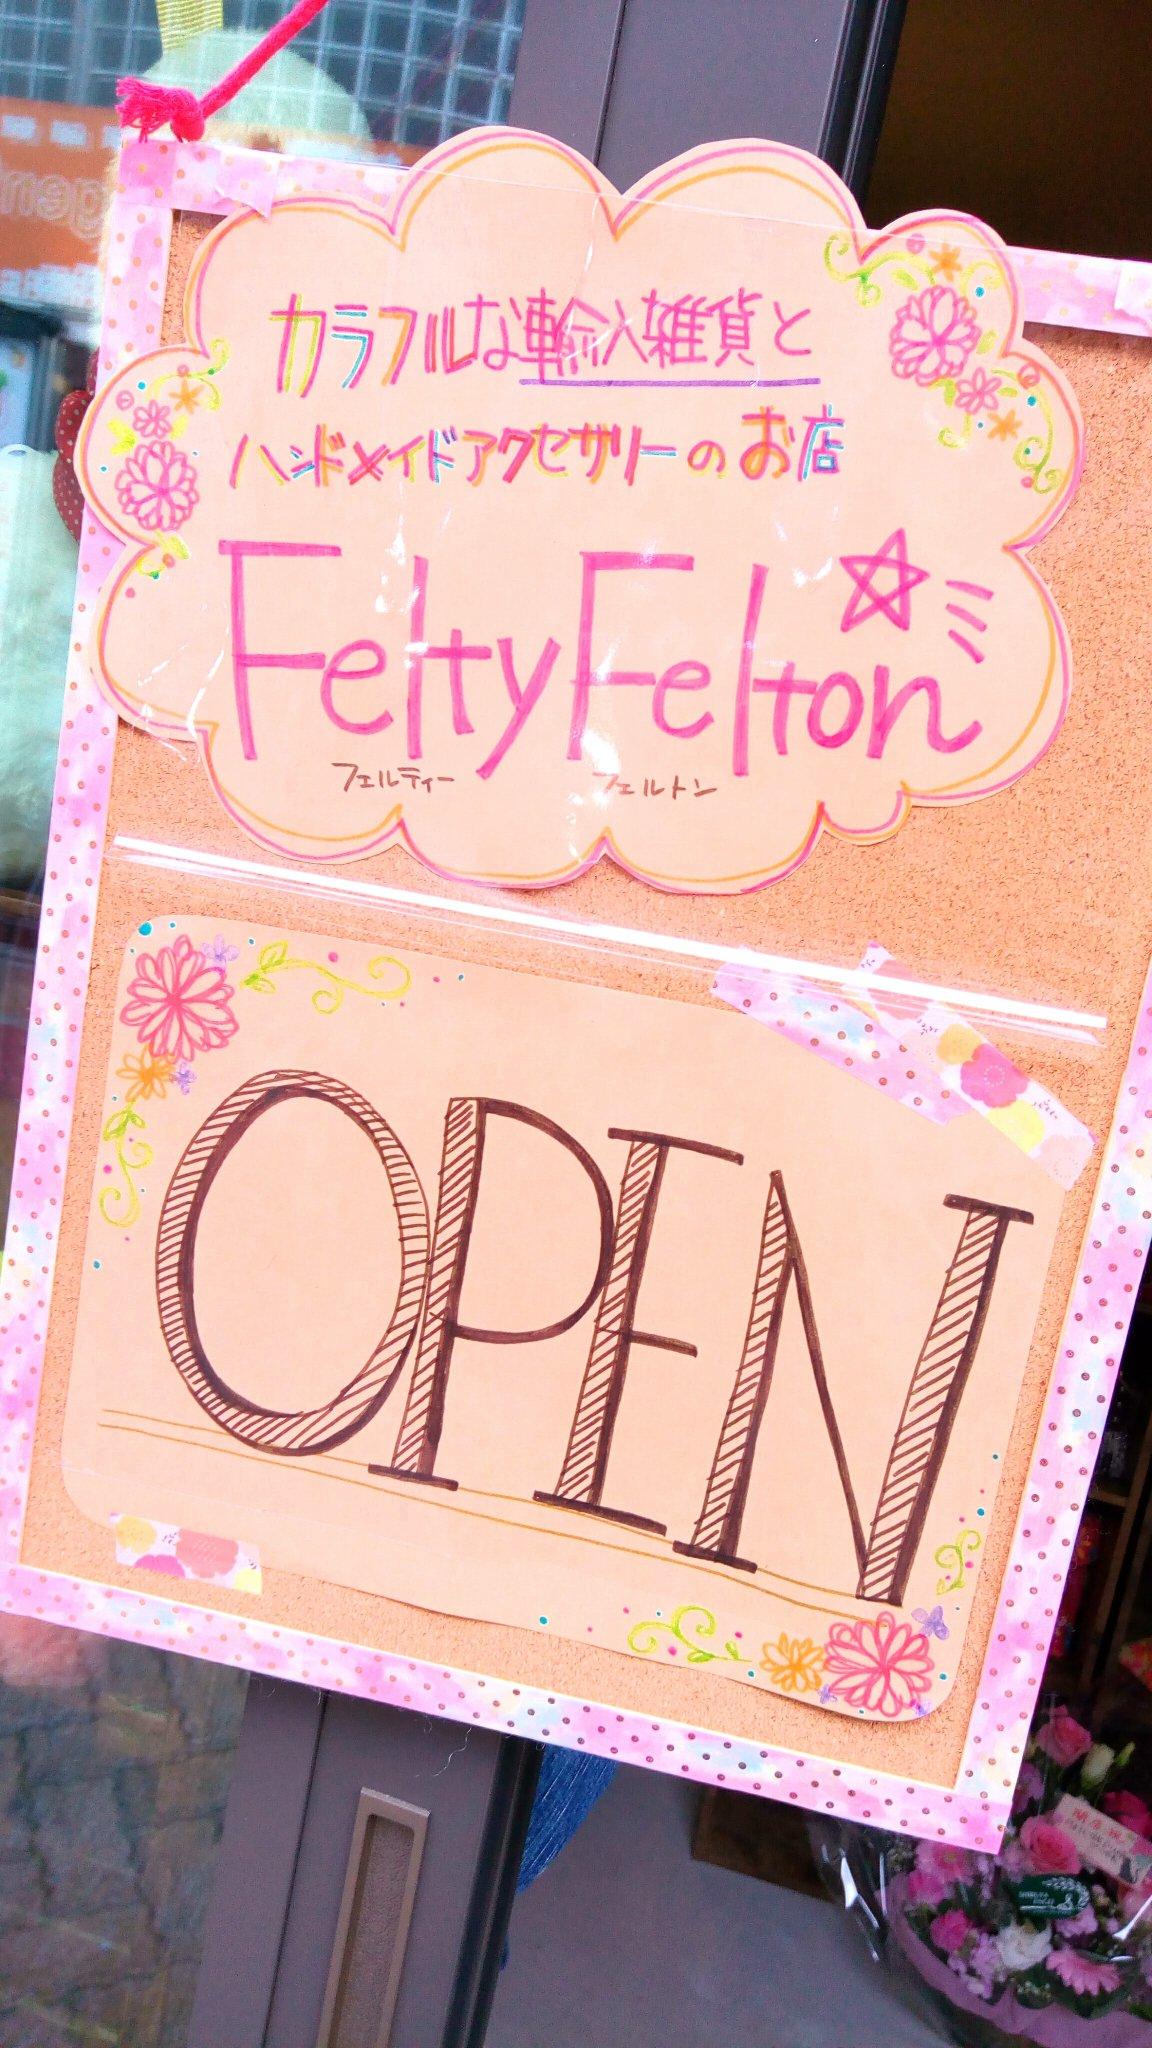 Felty Feltonさん実店舗オープン!MELL THE DINERもレンタルボックス出展★